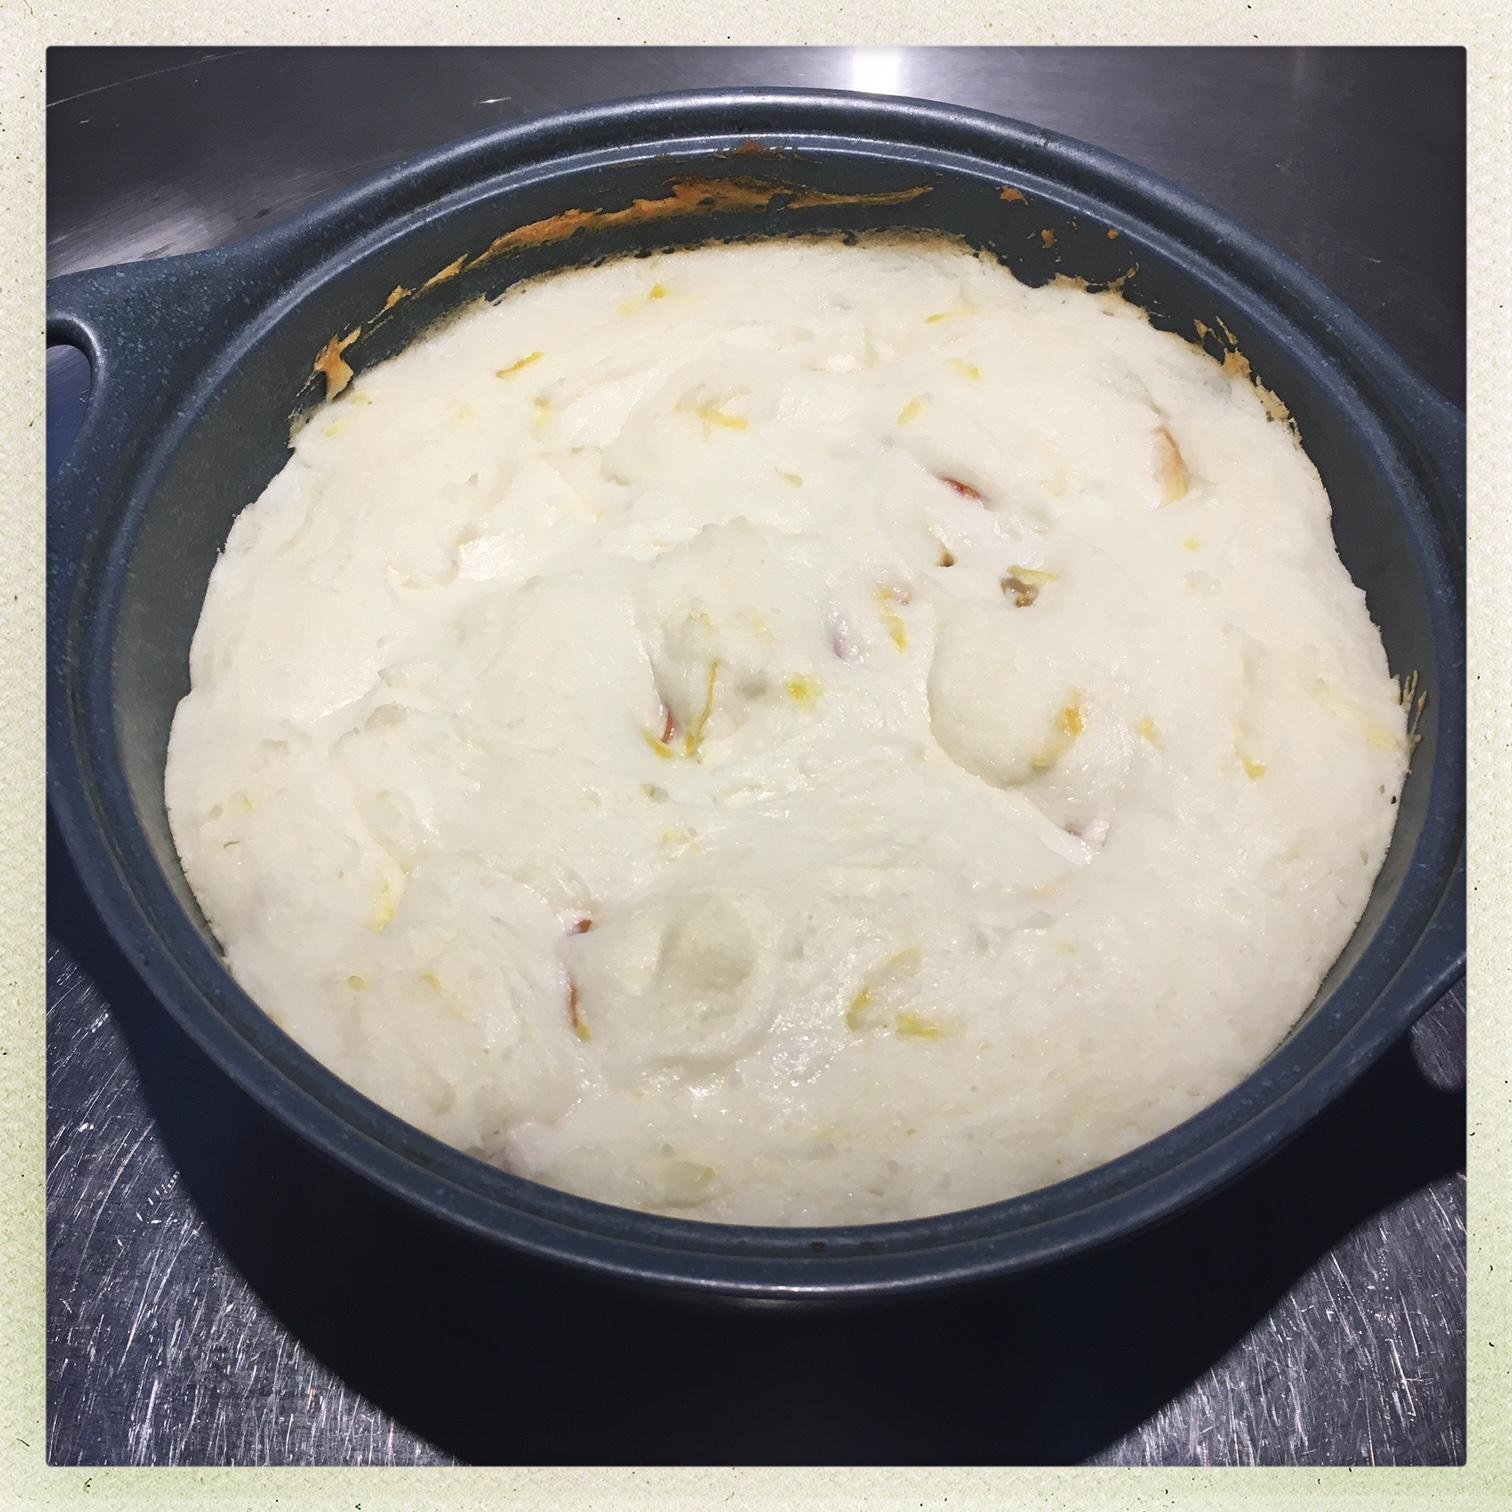 baked for 45 minutes ready for lemons.jpg